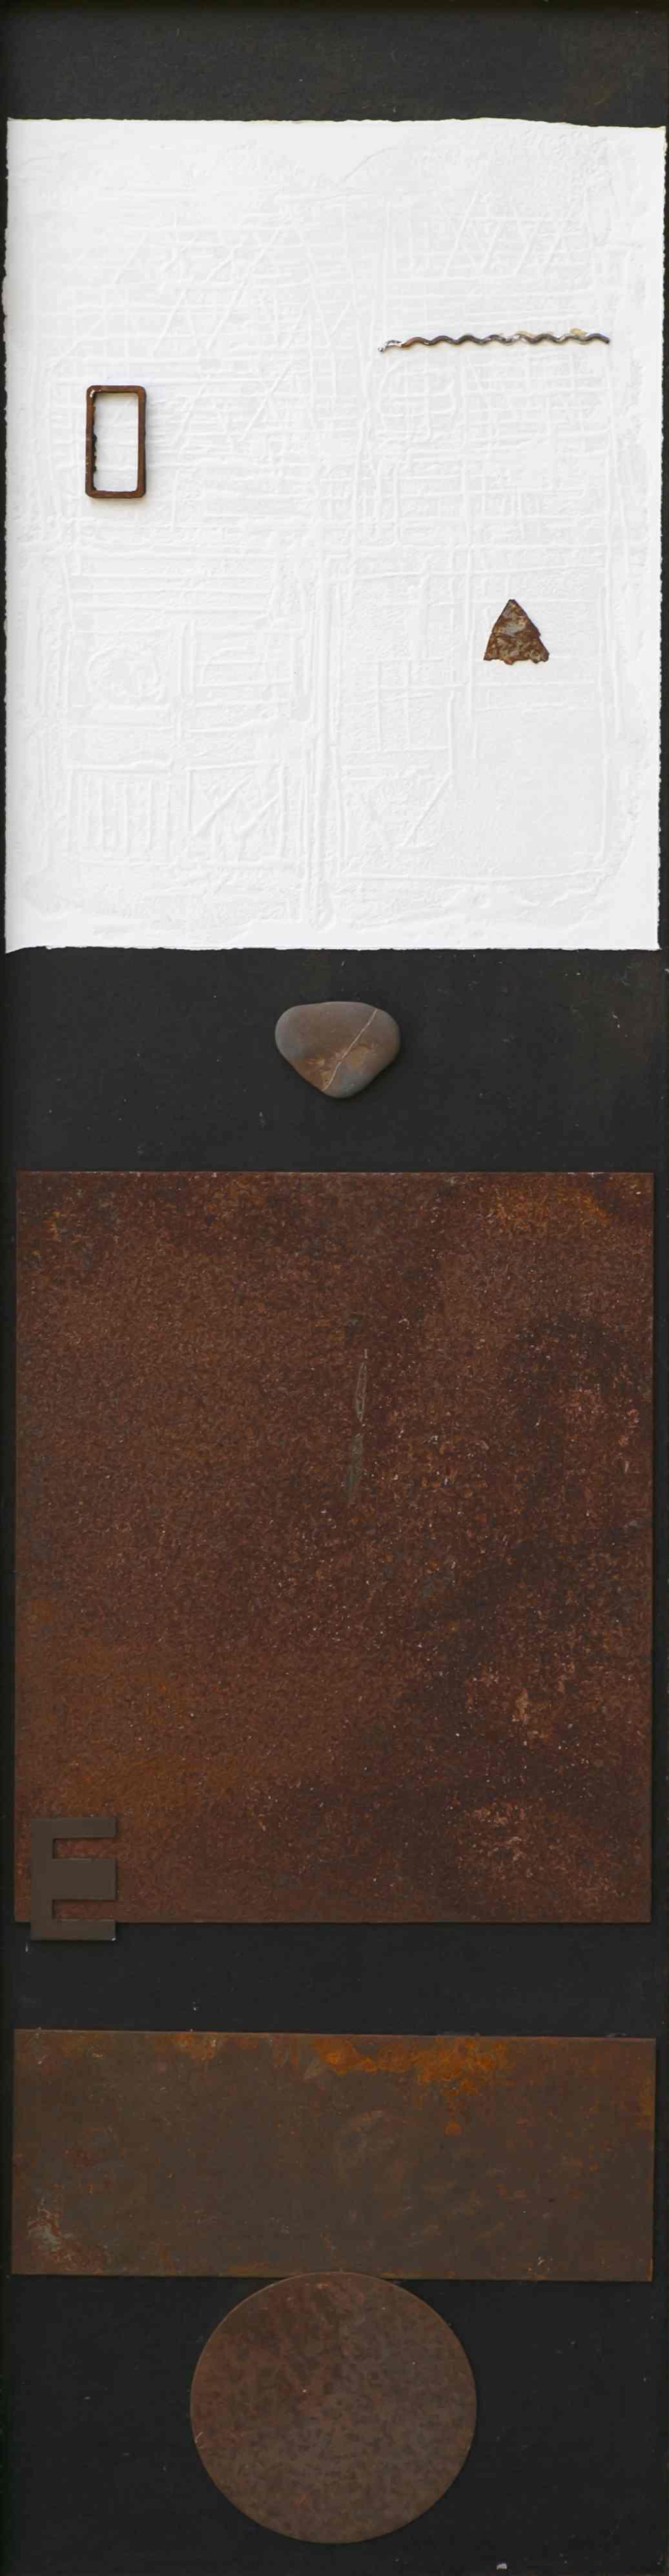 Il dialogo del visibile, ferro corroso, sasso su tavola, 132x37, 2001